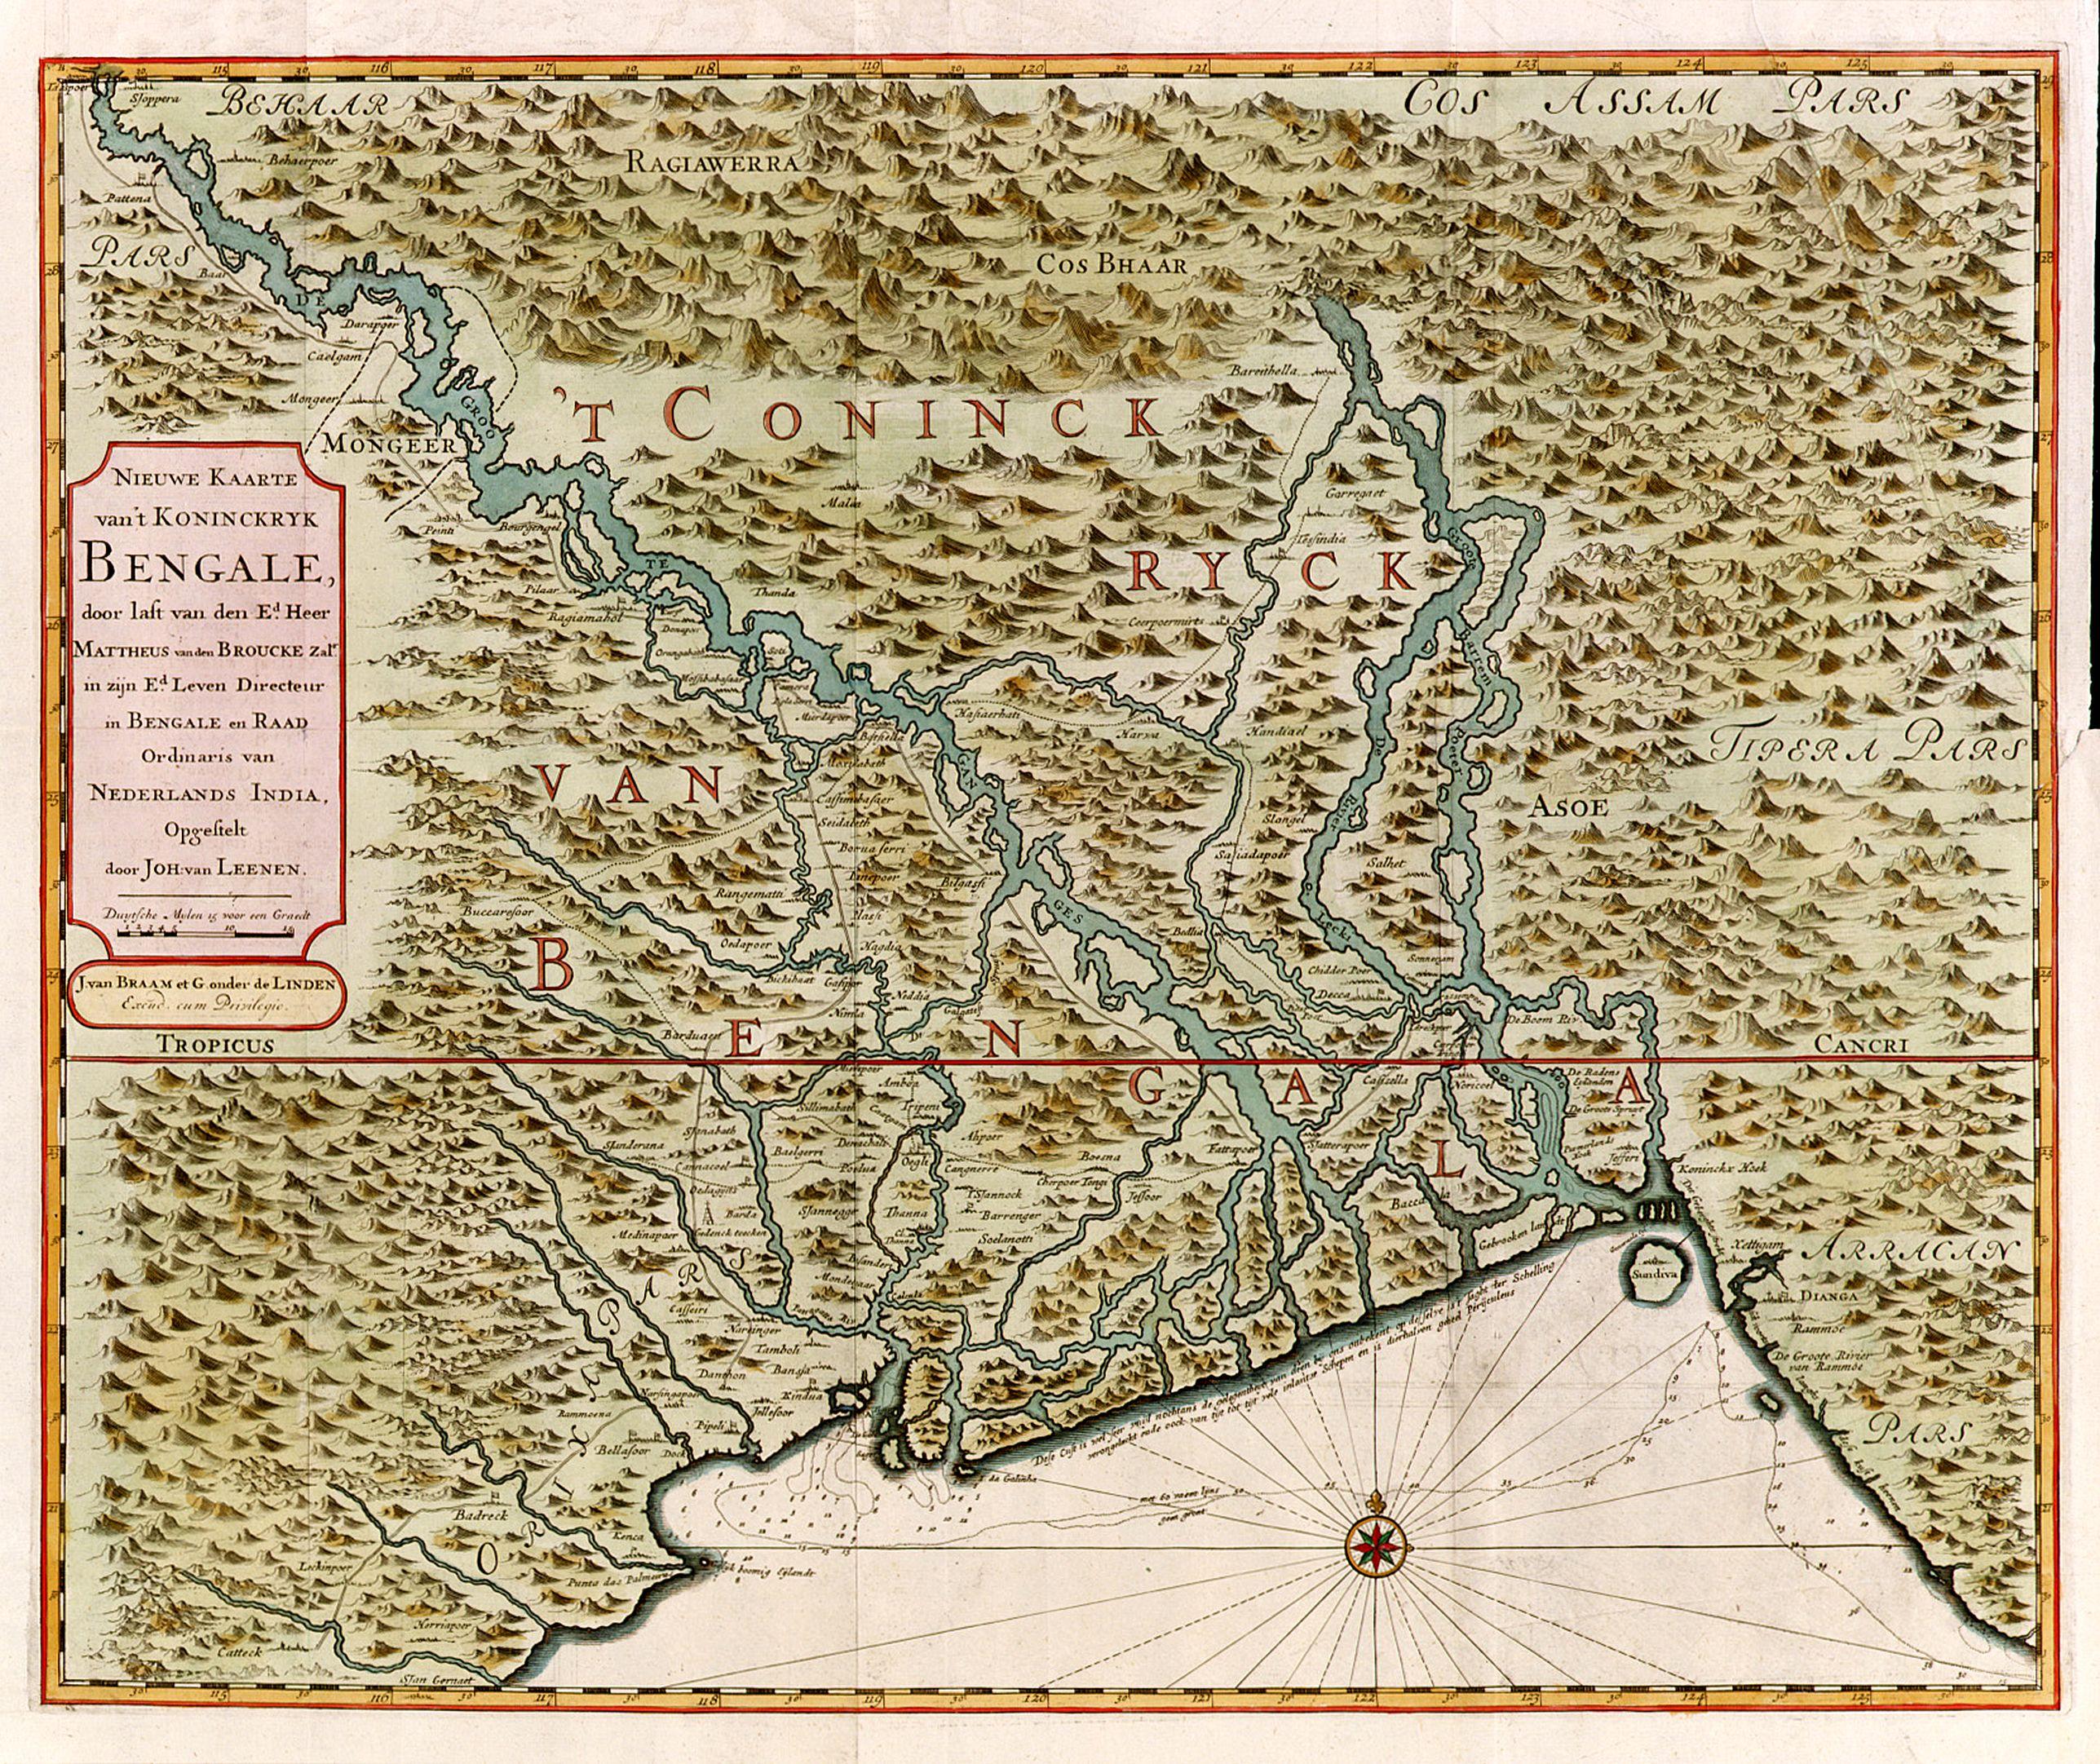 VALENTIJN, F. -  Nieuwe kaart van 't Koninckryk Bengale. . .